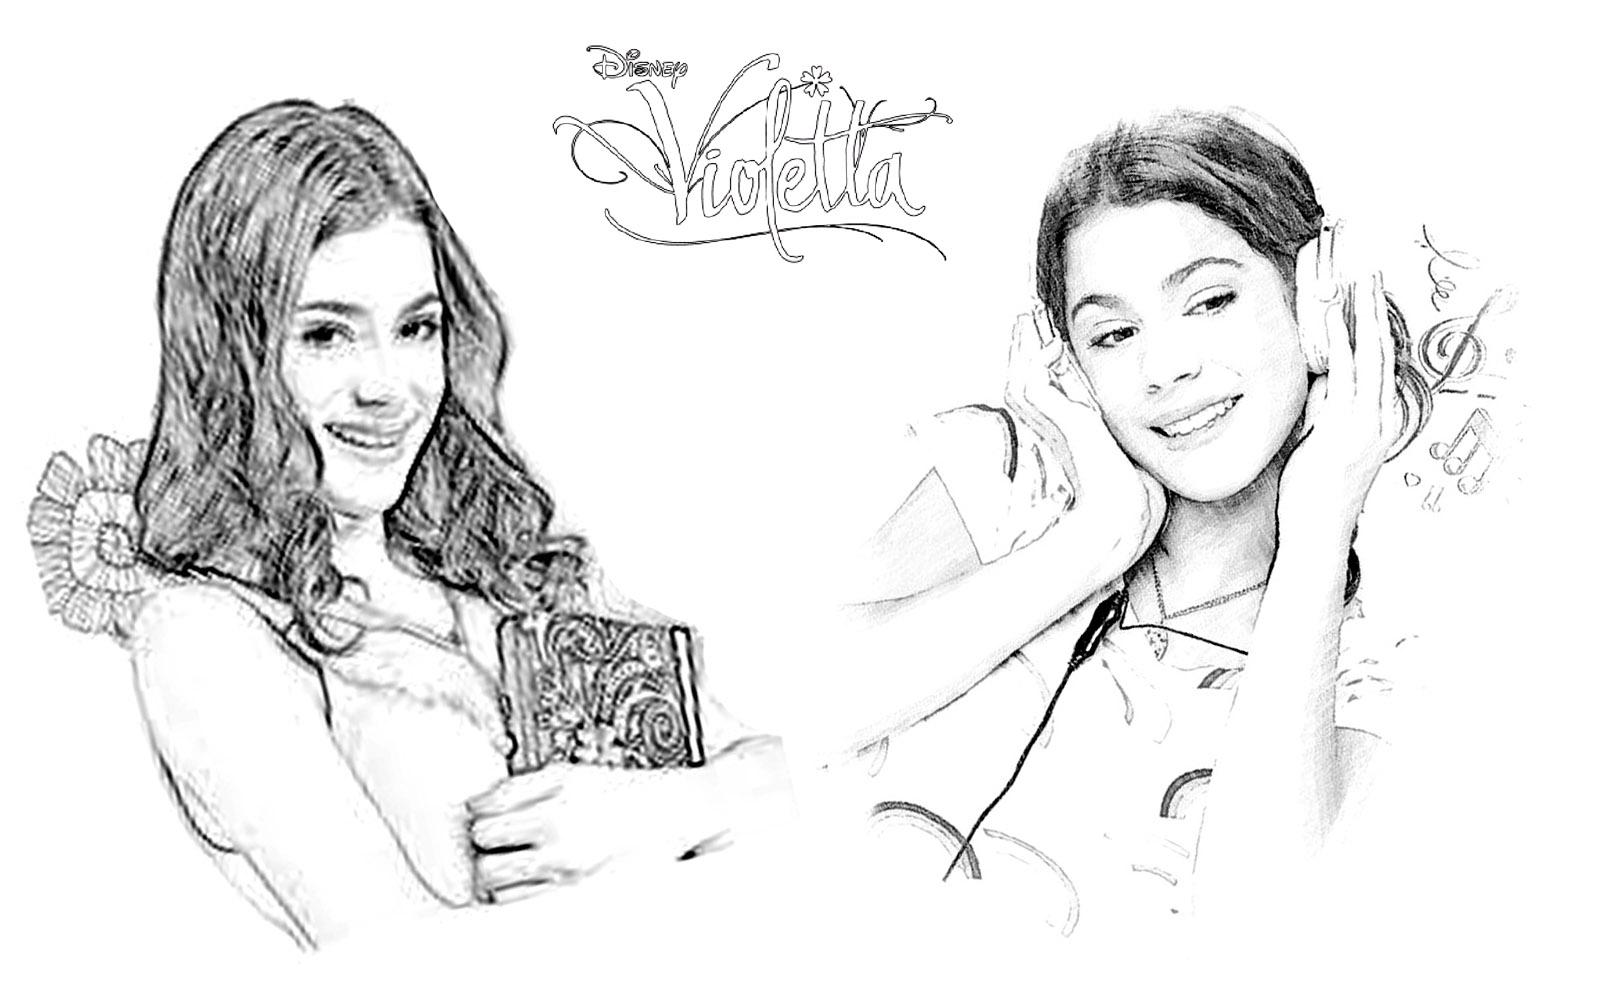 Desenhos Para Colorir Da Violetta Disney Channel – Pampekids Net